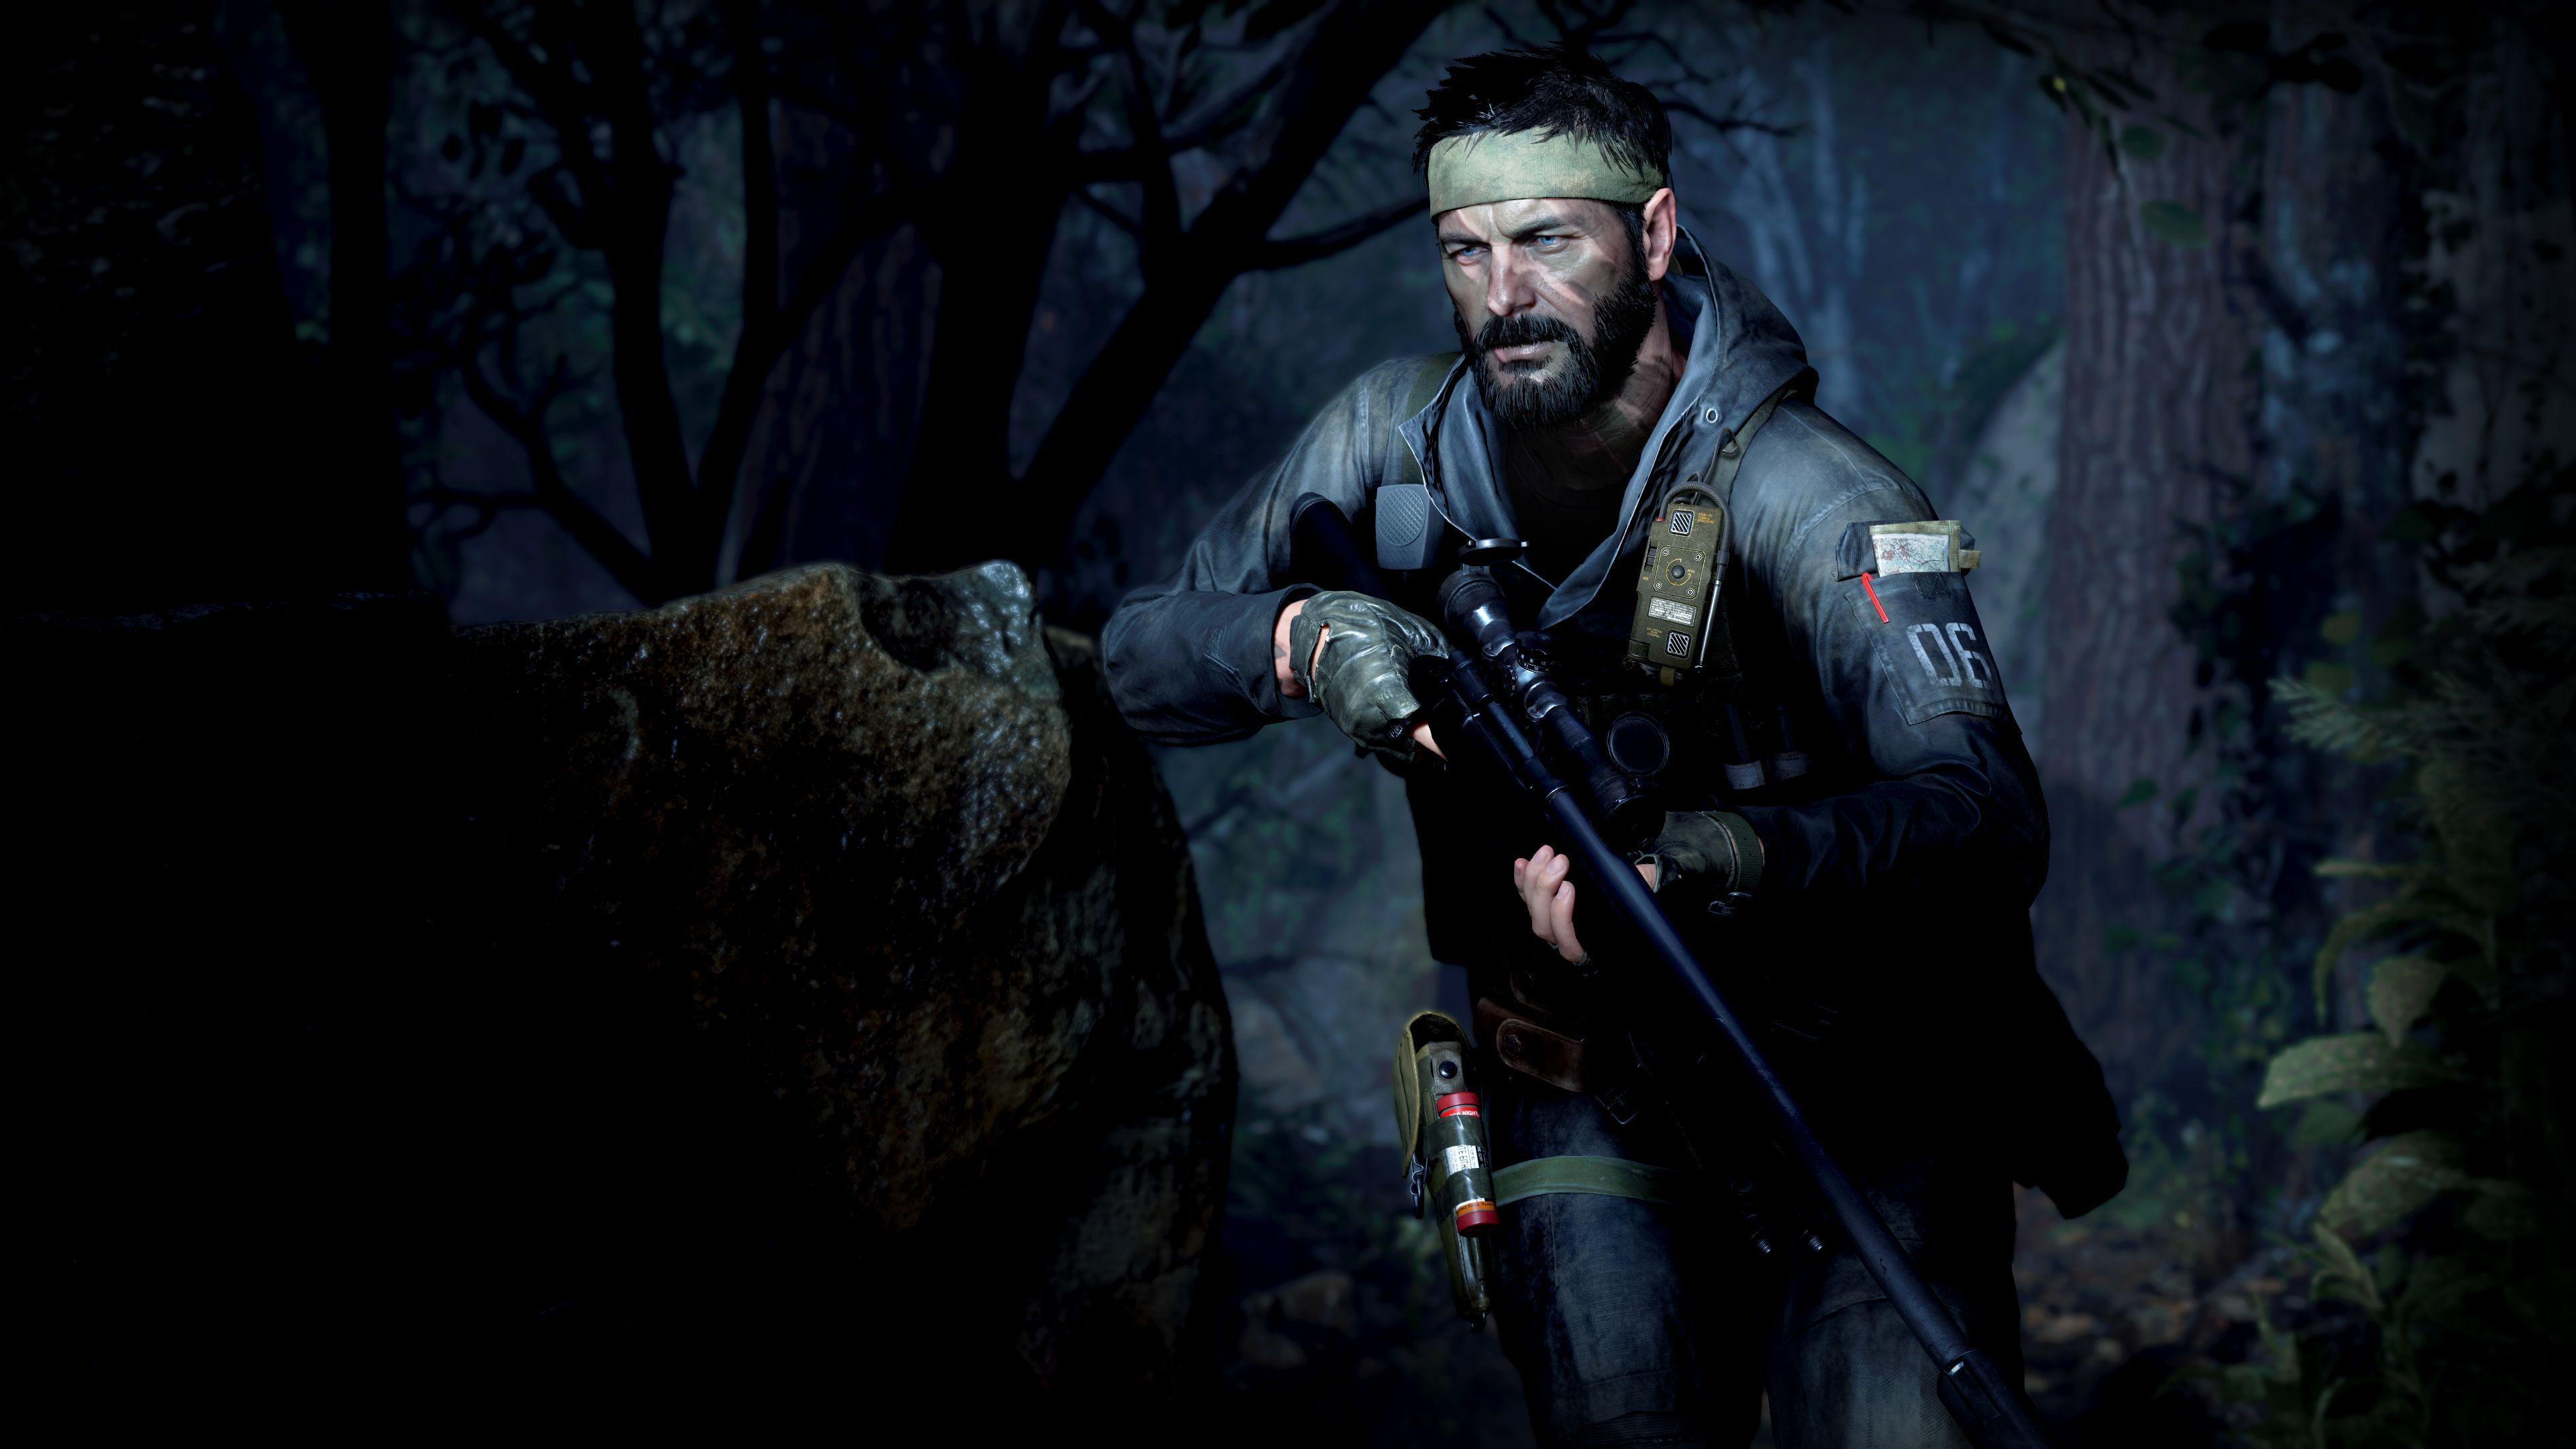 سی دی کی اریجینال Battle.net بازی Call Of Duty: Black Ops Cold War